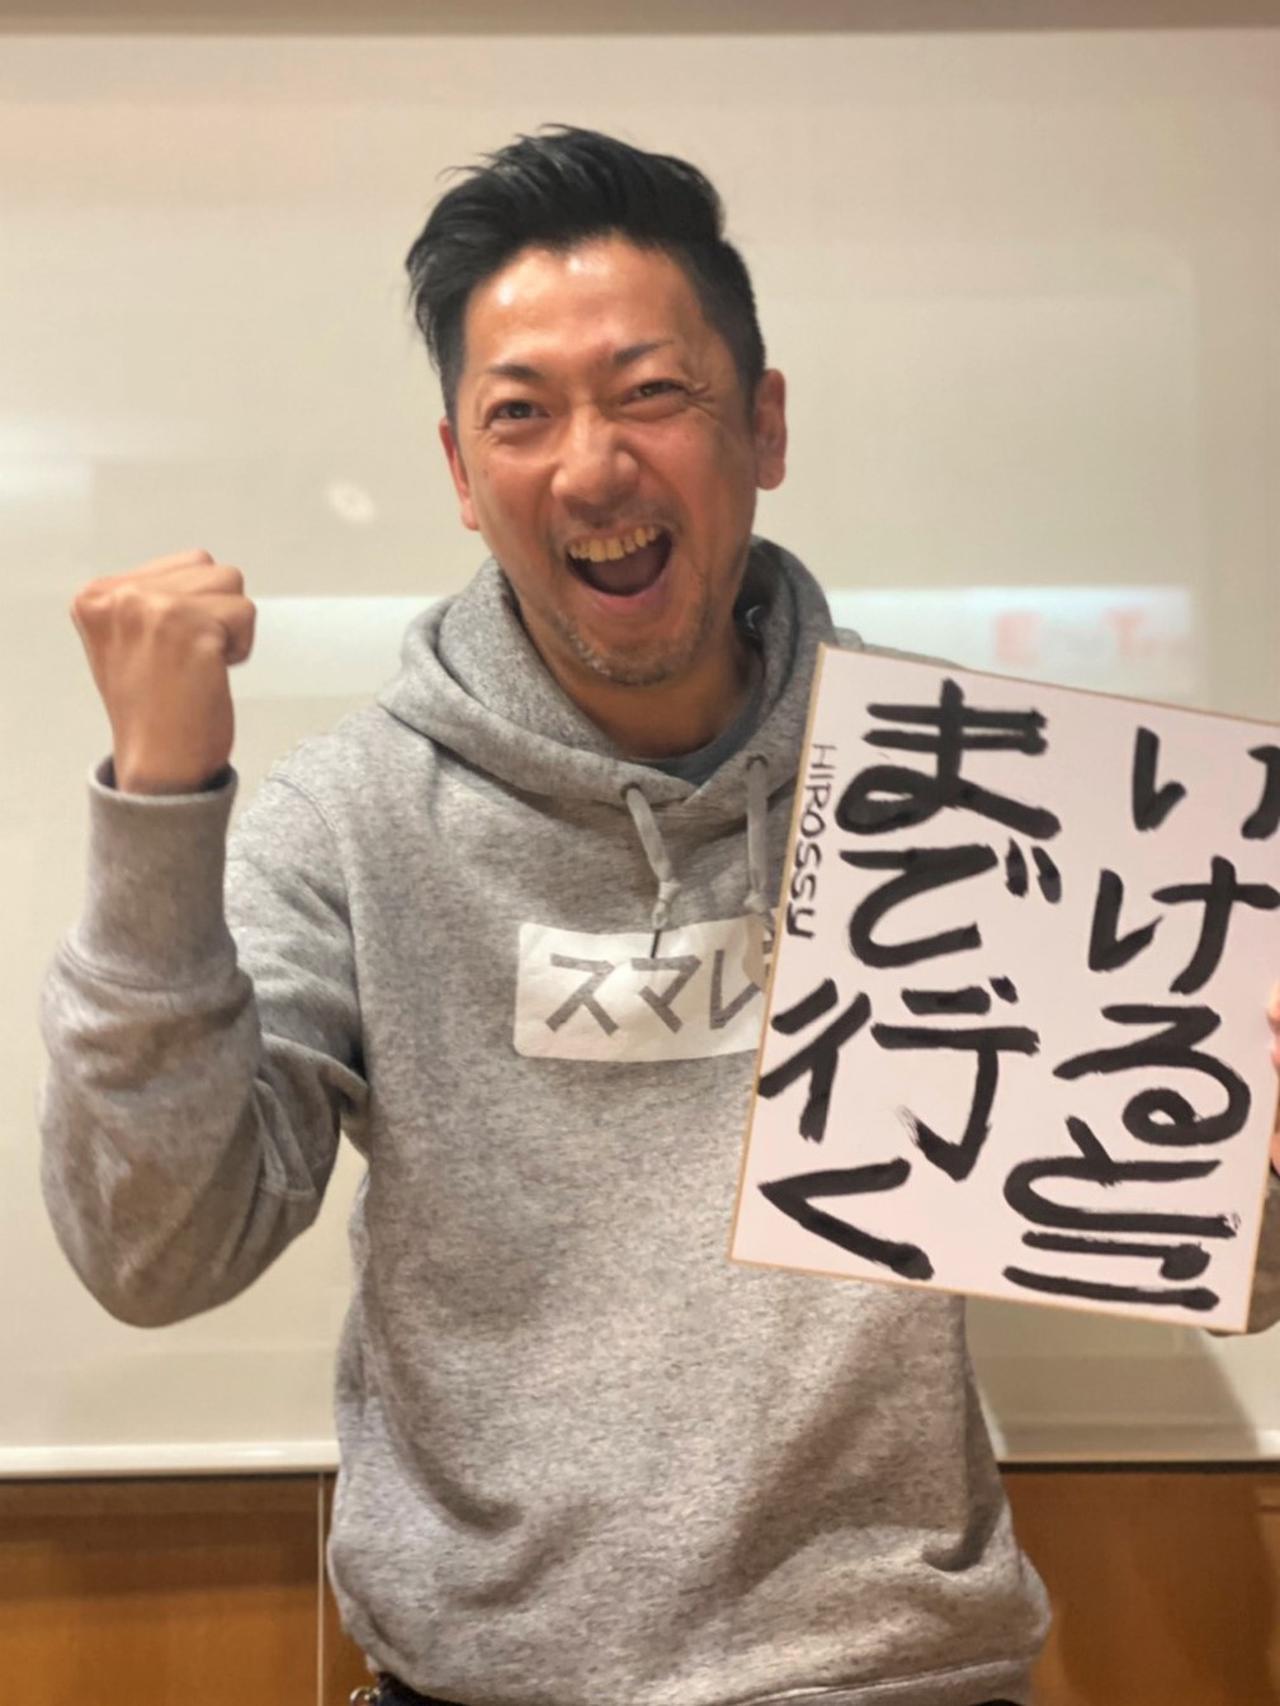 画像: 4/11(日) Game Changer #19 スマレジ 山本社長の直筆色紙をプレゼント! - FM大阪 85.1